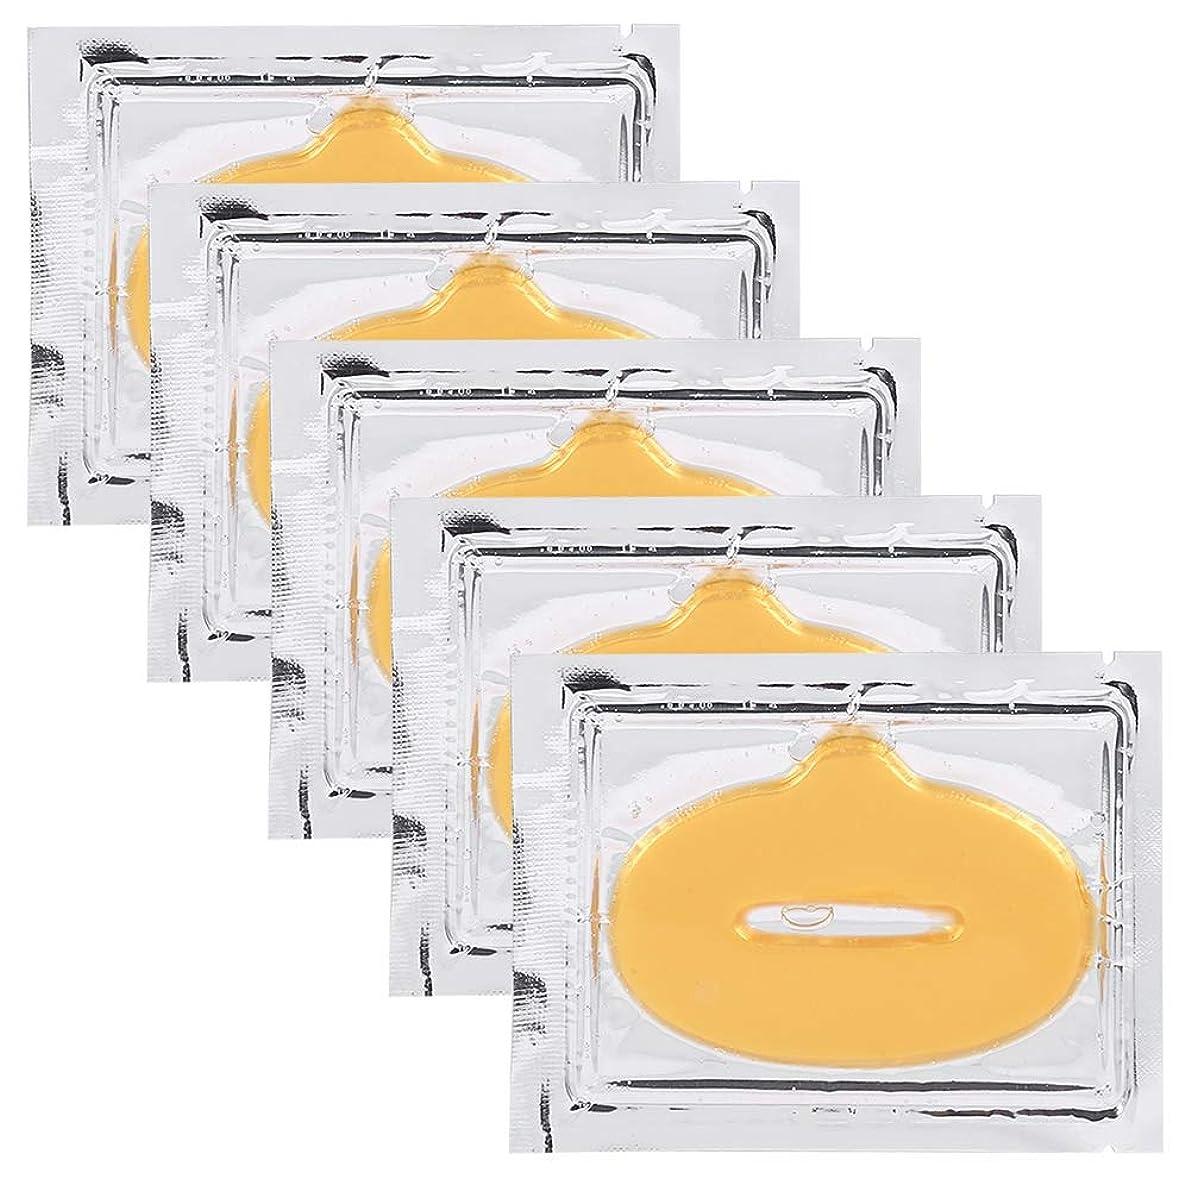 パキスタン人透ける石化するリップモイスチャー5個/セットコラーゲンクリスタルリップフィルムカバーアンチエイジングモイスチャーエッセンス剥離メンブレン